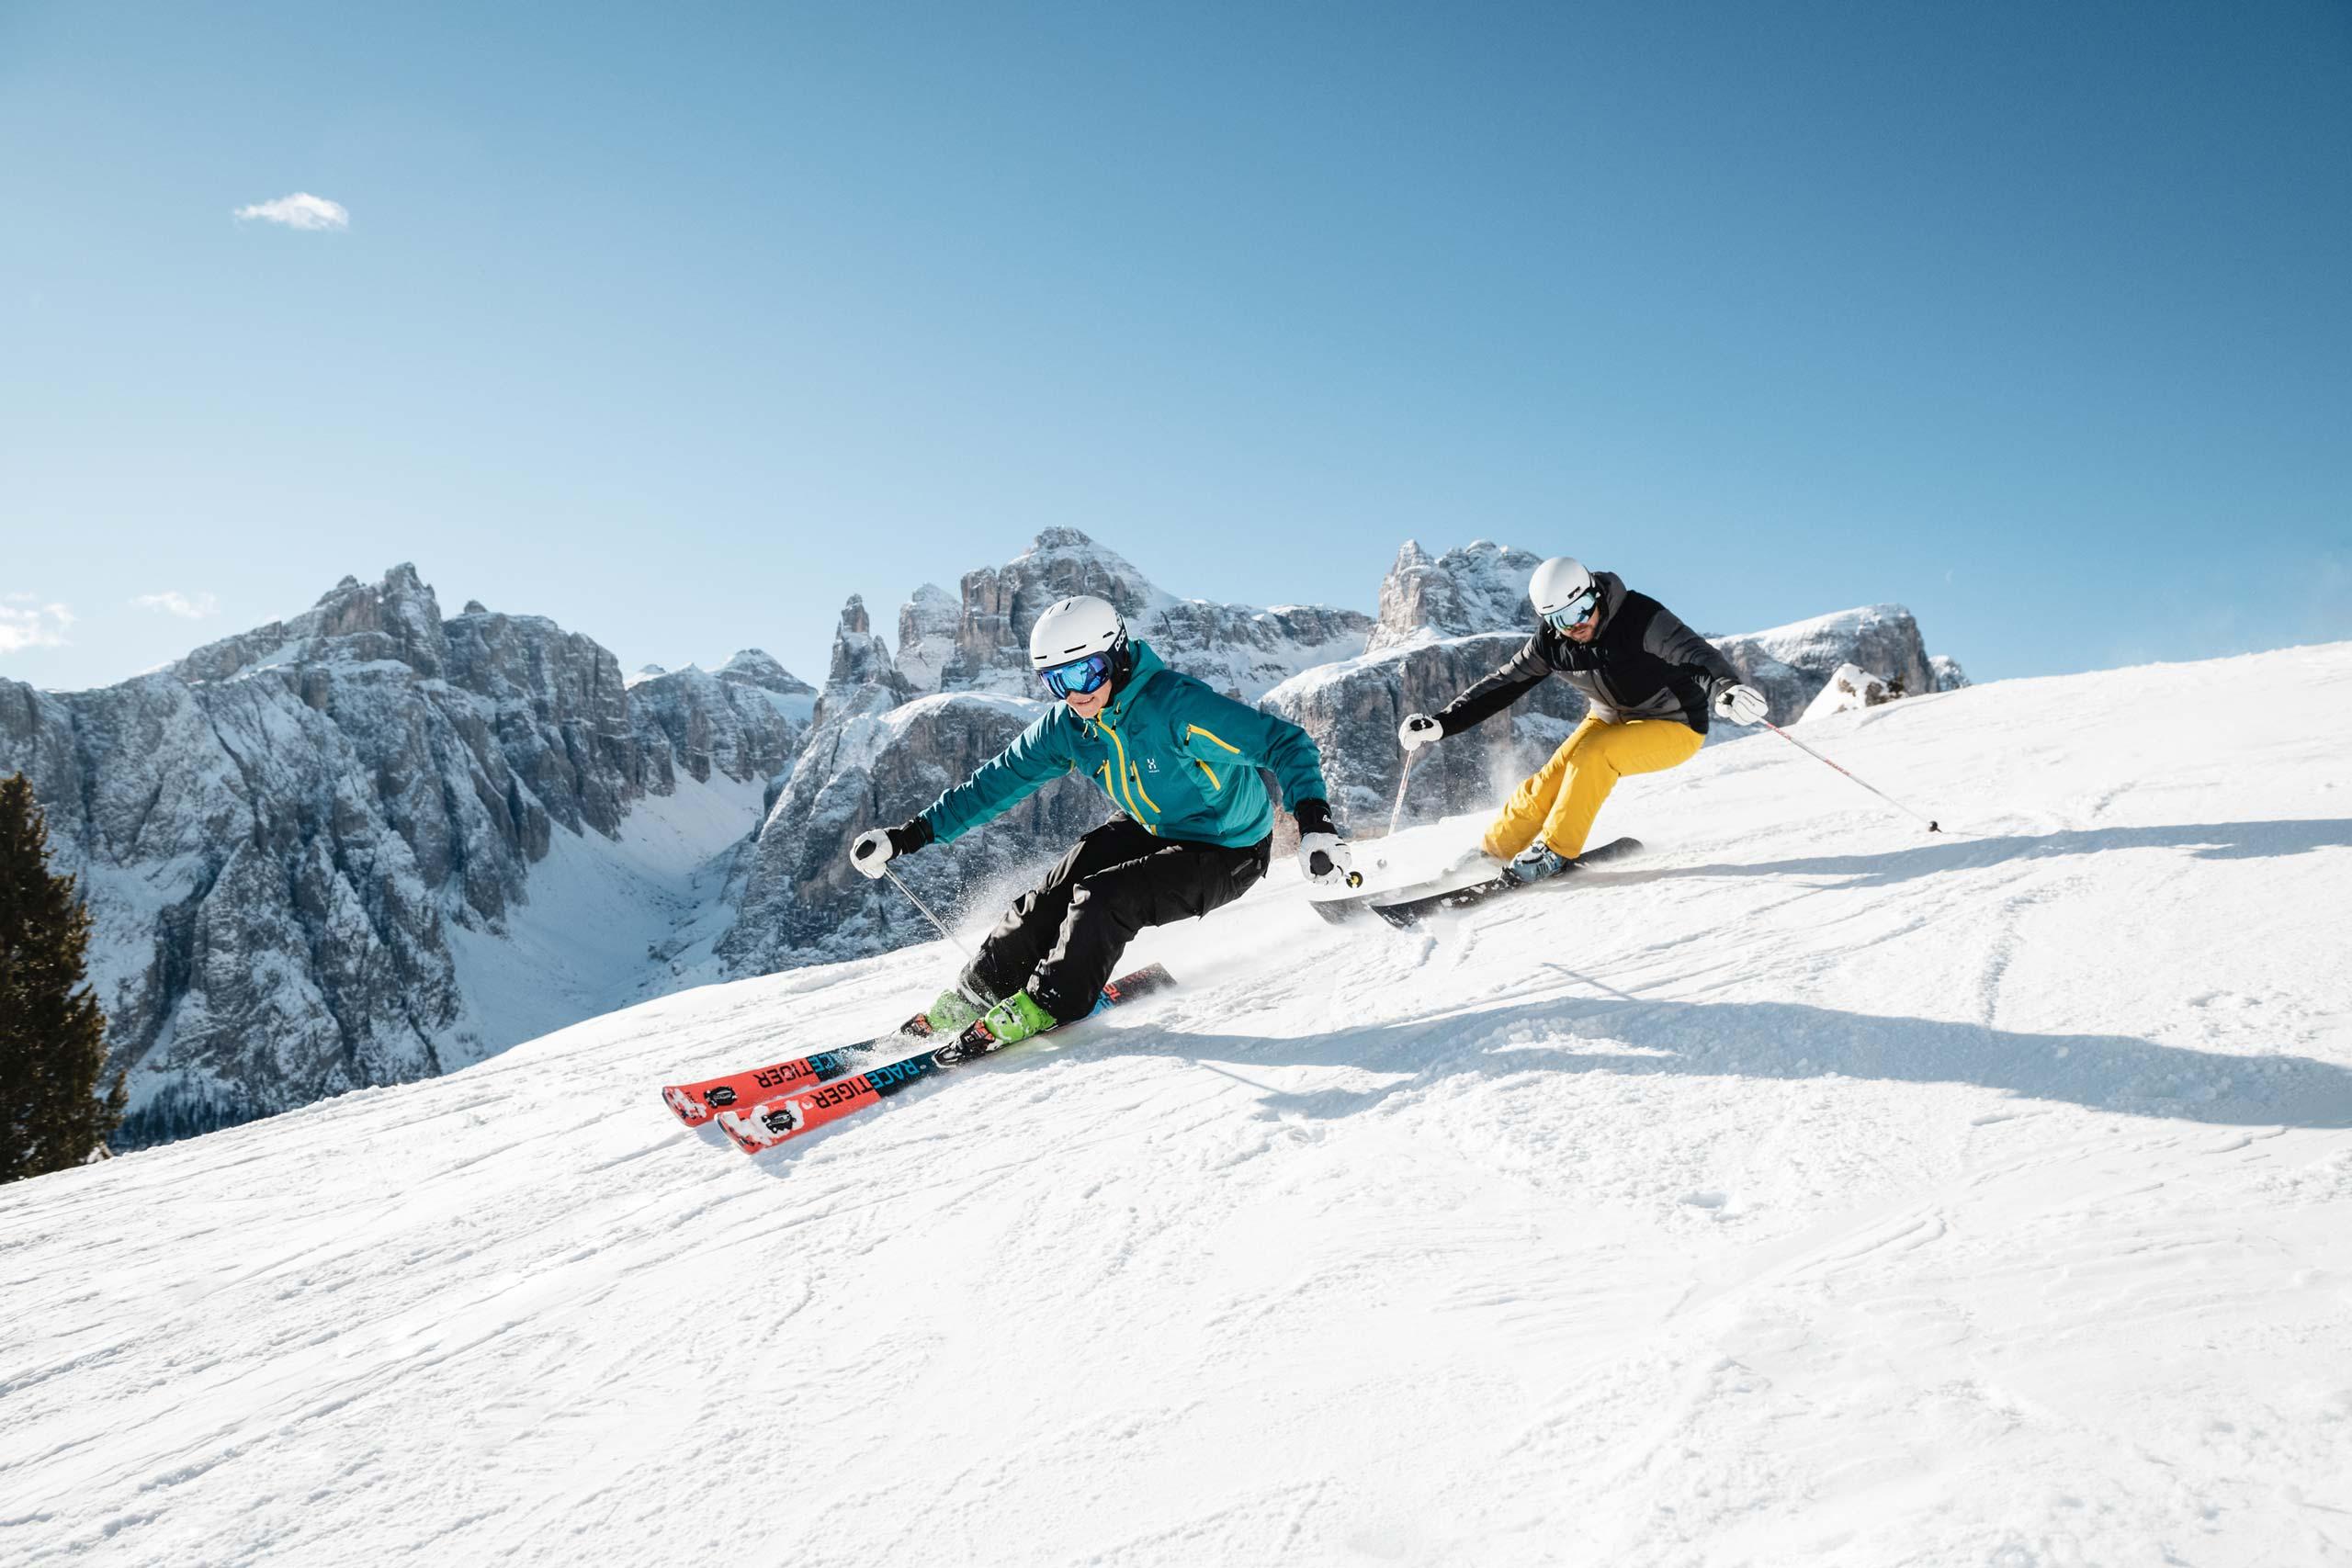 AB_Skiing_by-IDM-Suedtirol---Alex-Moling-25